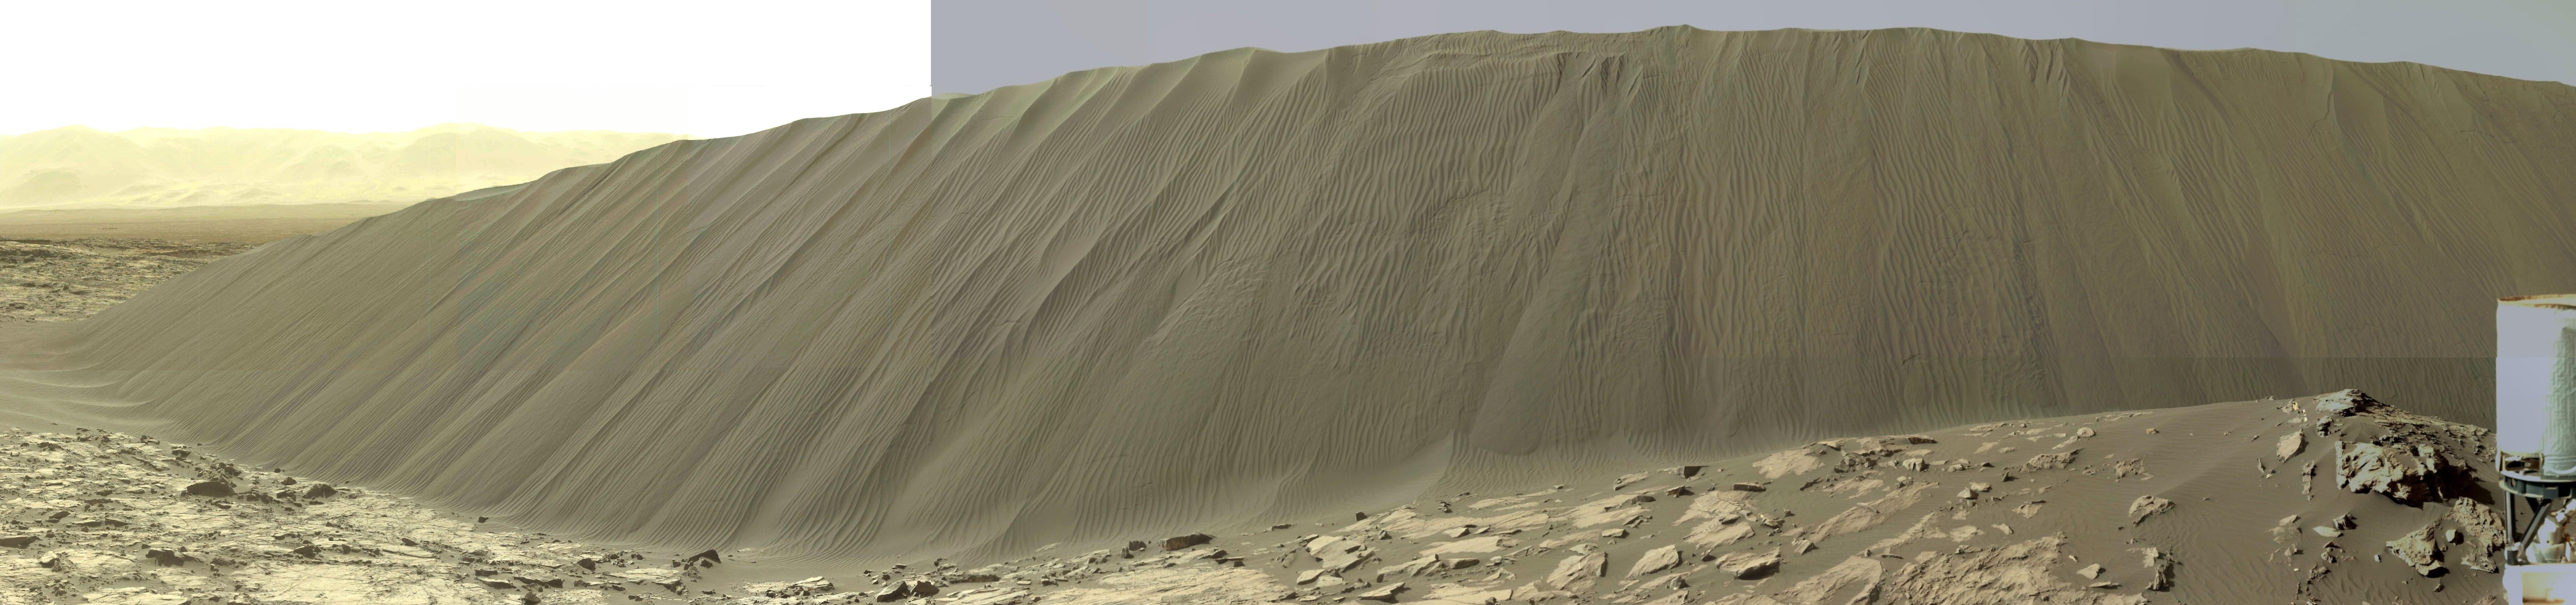 15 12 19 dune Namib complète